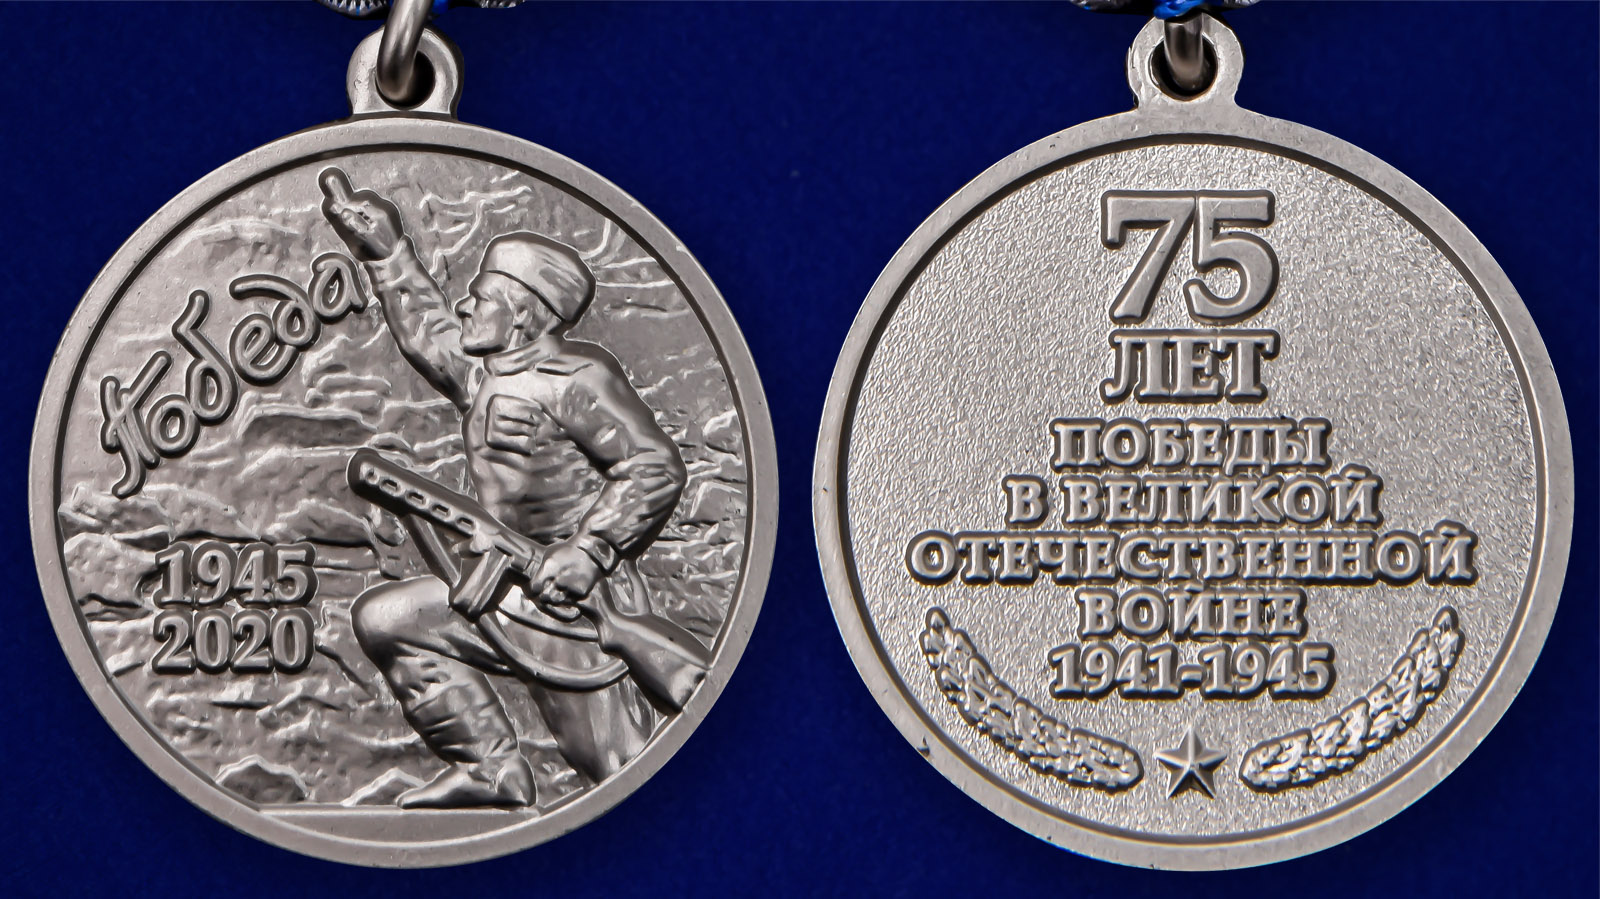 """Юбилейная медаль """"75 лет Победы в ВОВ 1941-1945 гг."""" - аверс и реверс"""